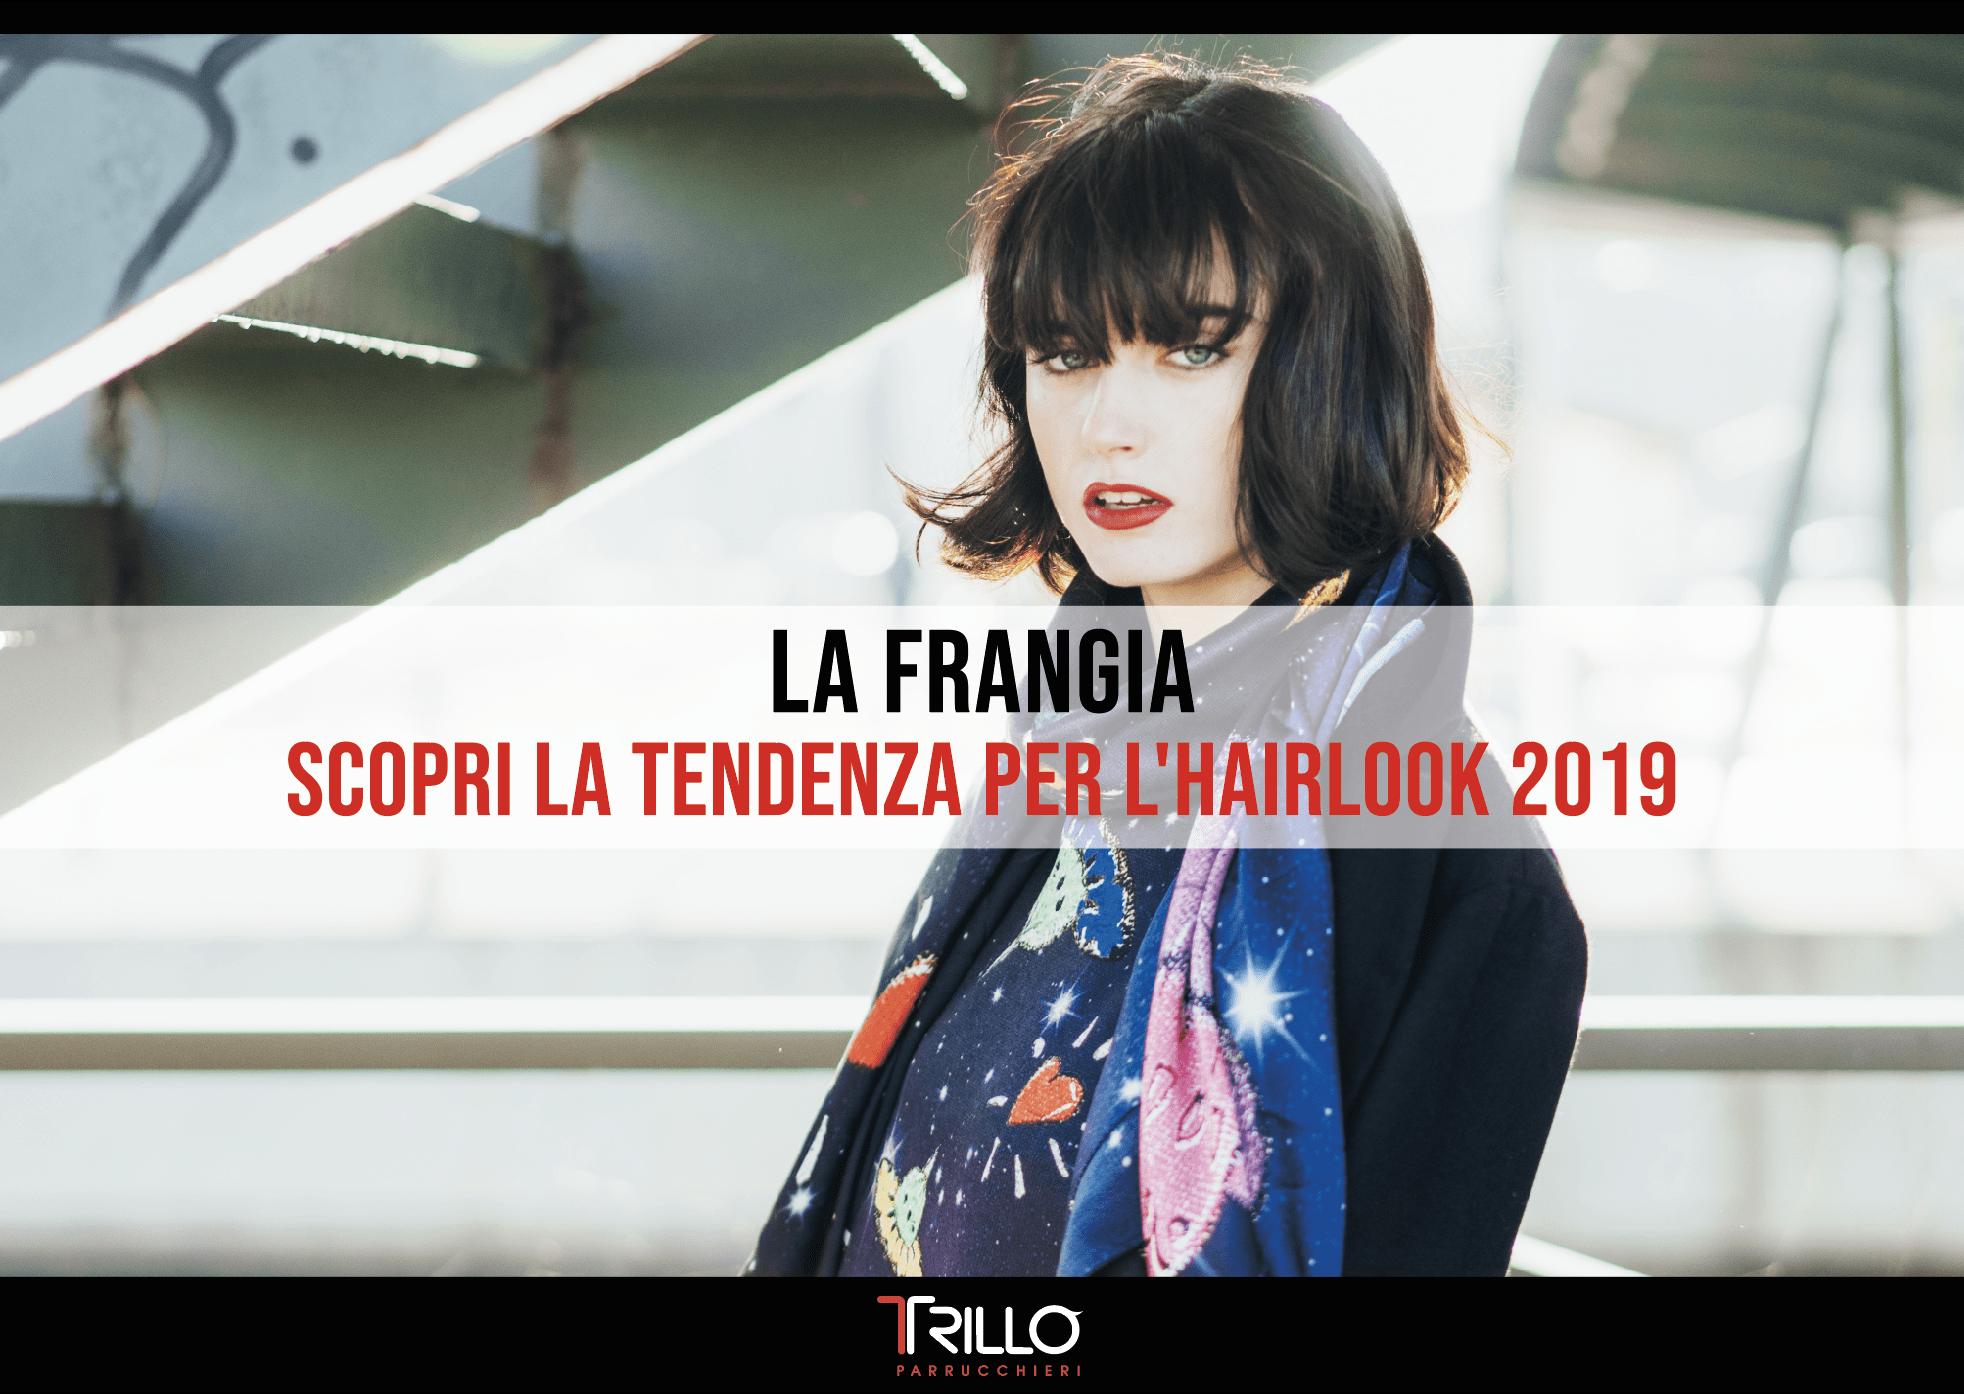 La frangia - scopri la tendenza per l'hairlook 2019